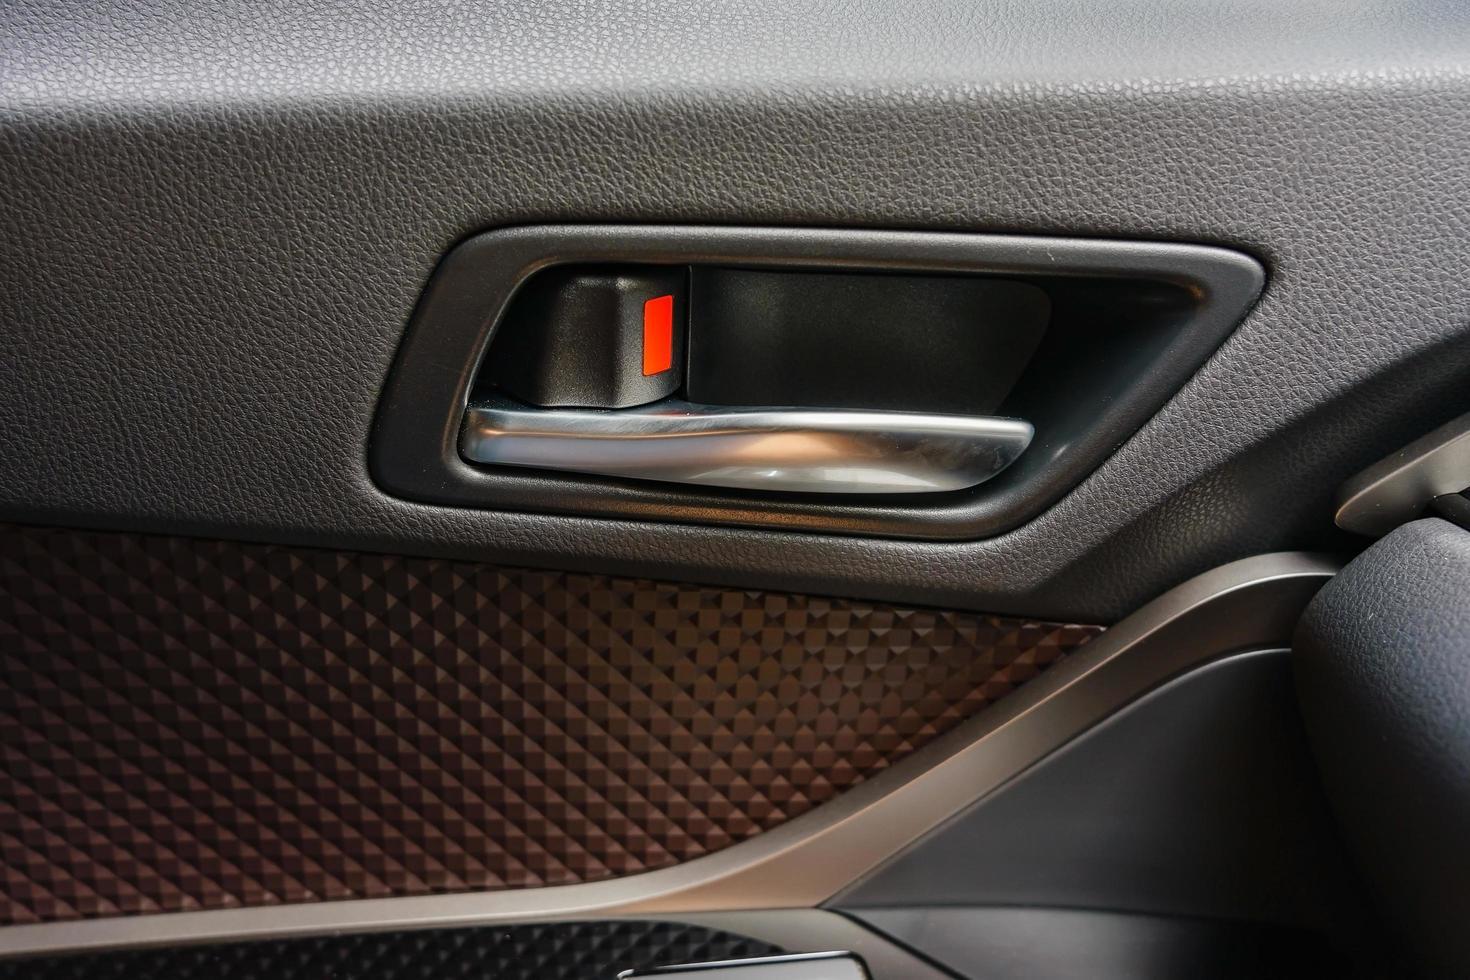 manija de la puerta del coche foto